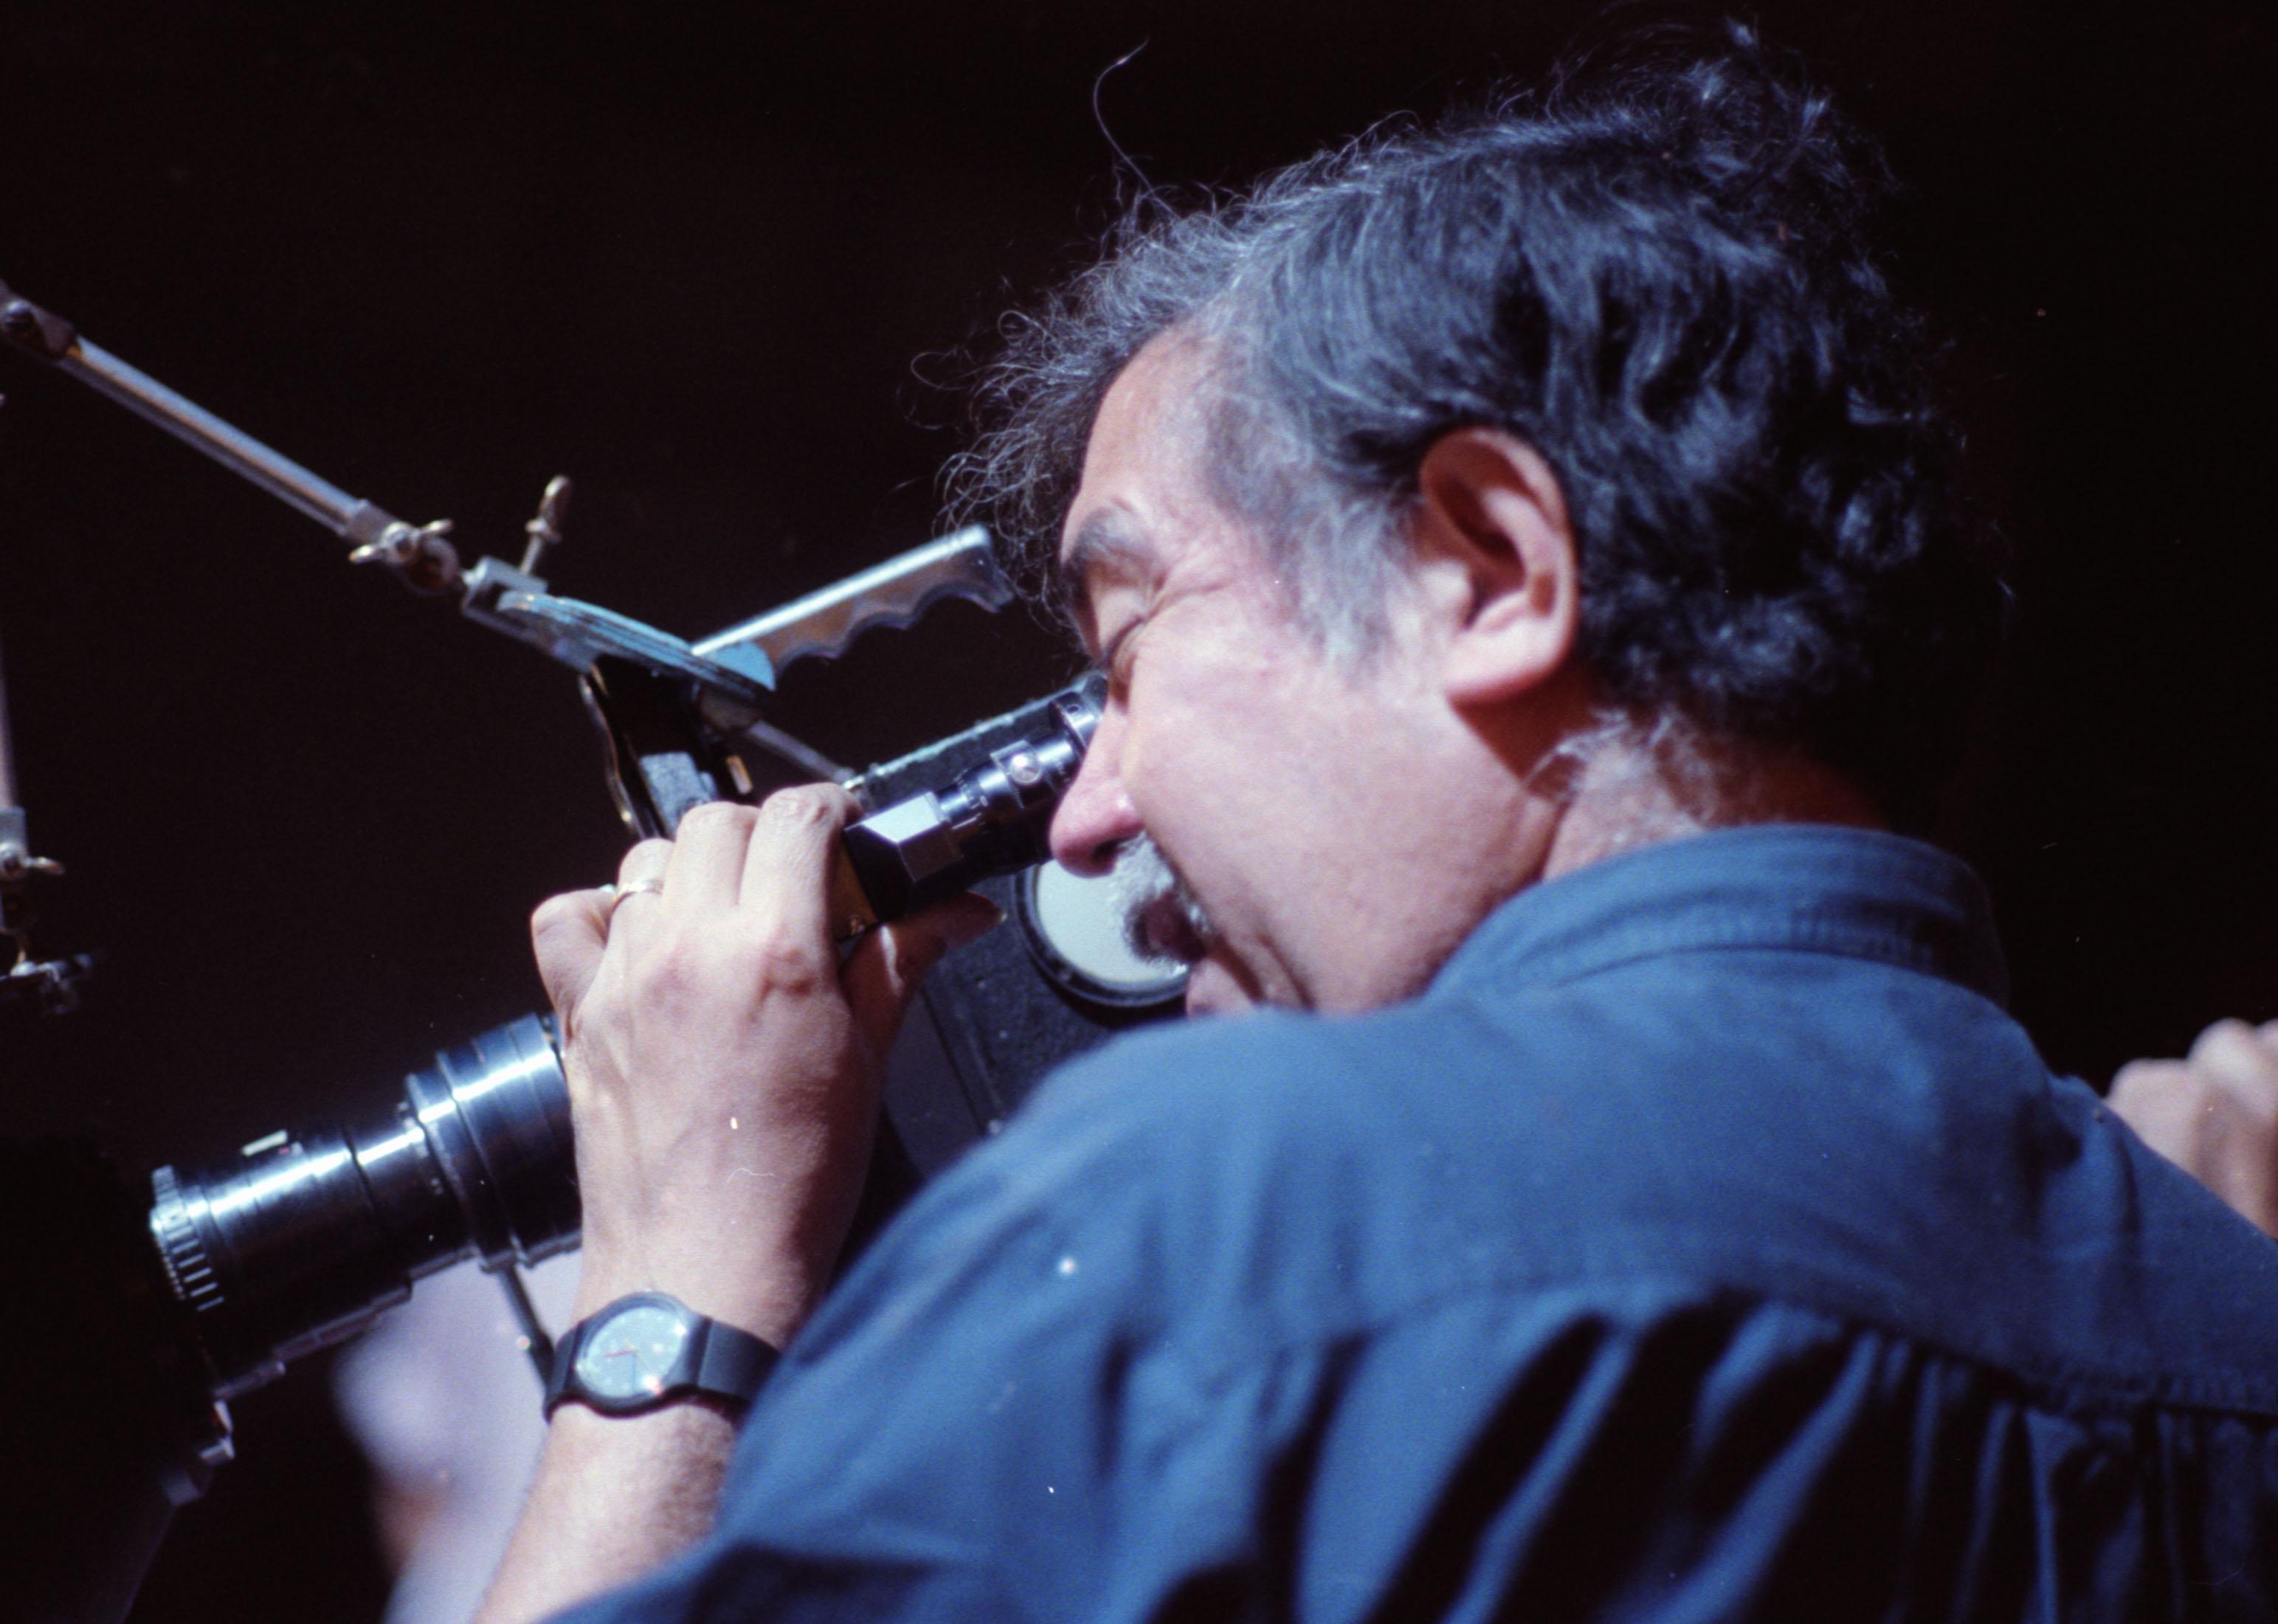 La Telenovela Errante, de Raúl Ruiz y Valeria Sarmiento, inaugura el 24° Festival Internacional de Cine de Valdivia